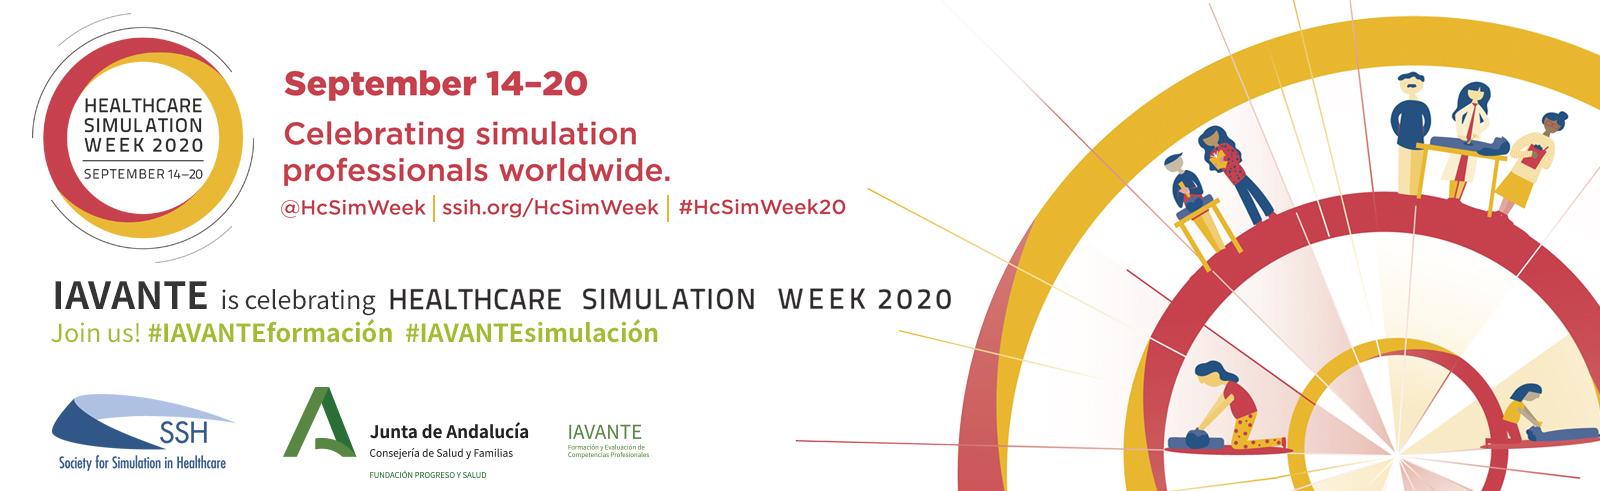 Iavante participa en la semana de la simulación